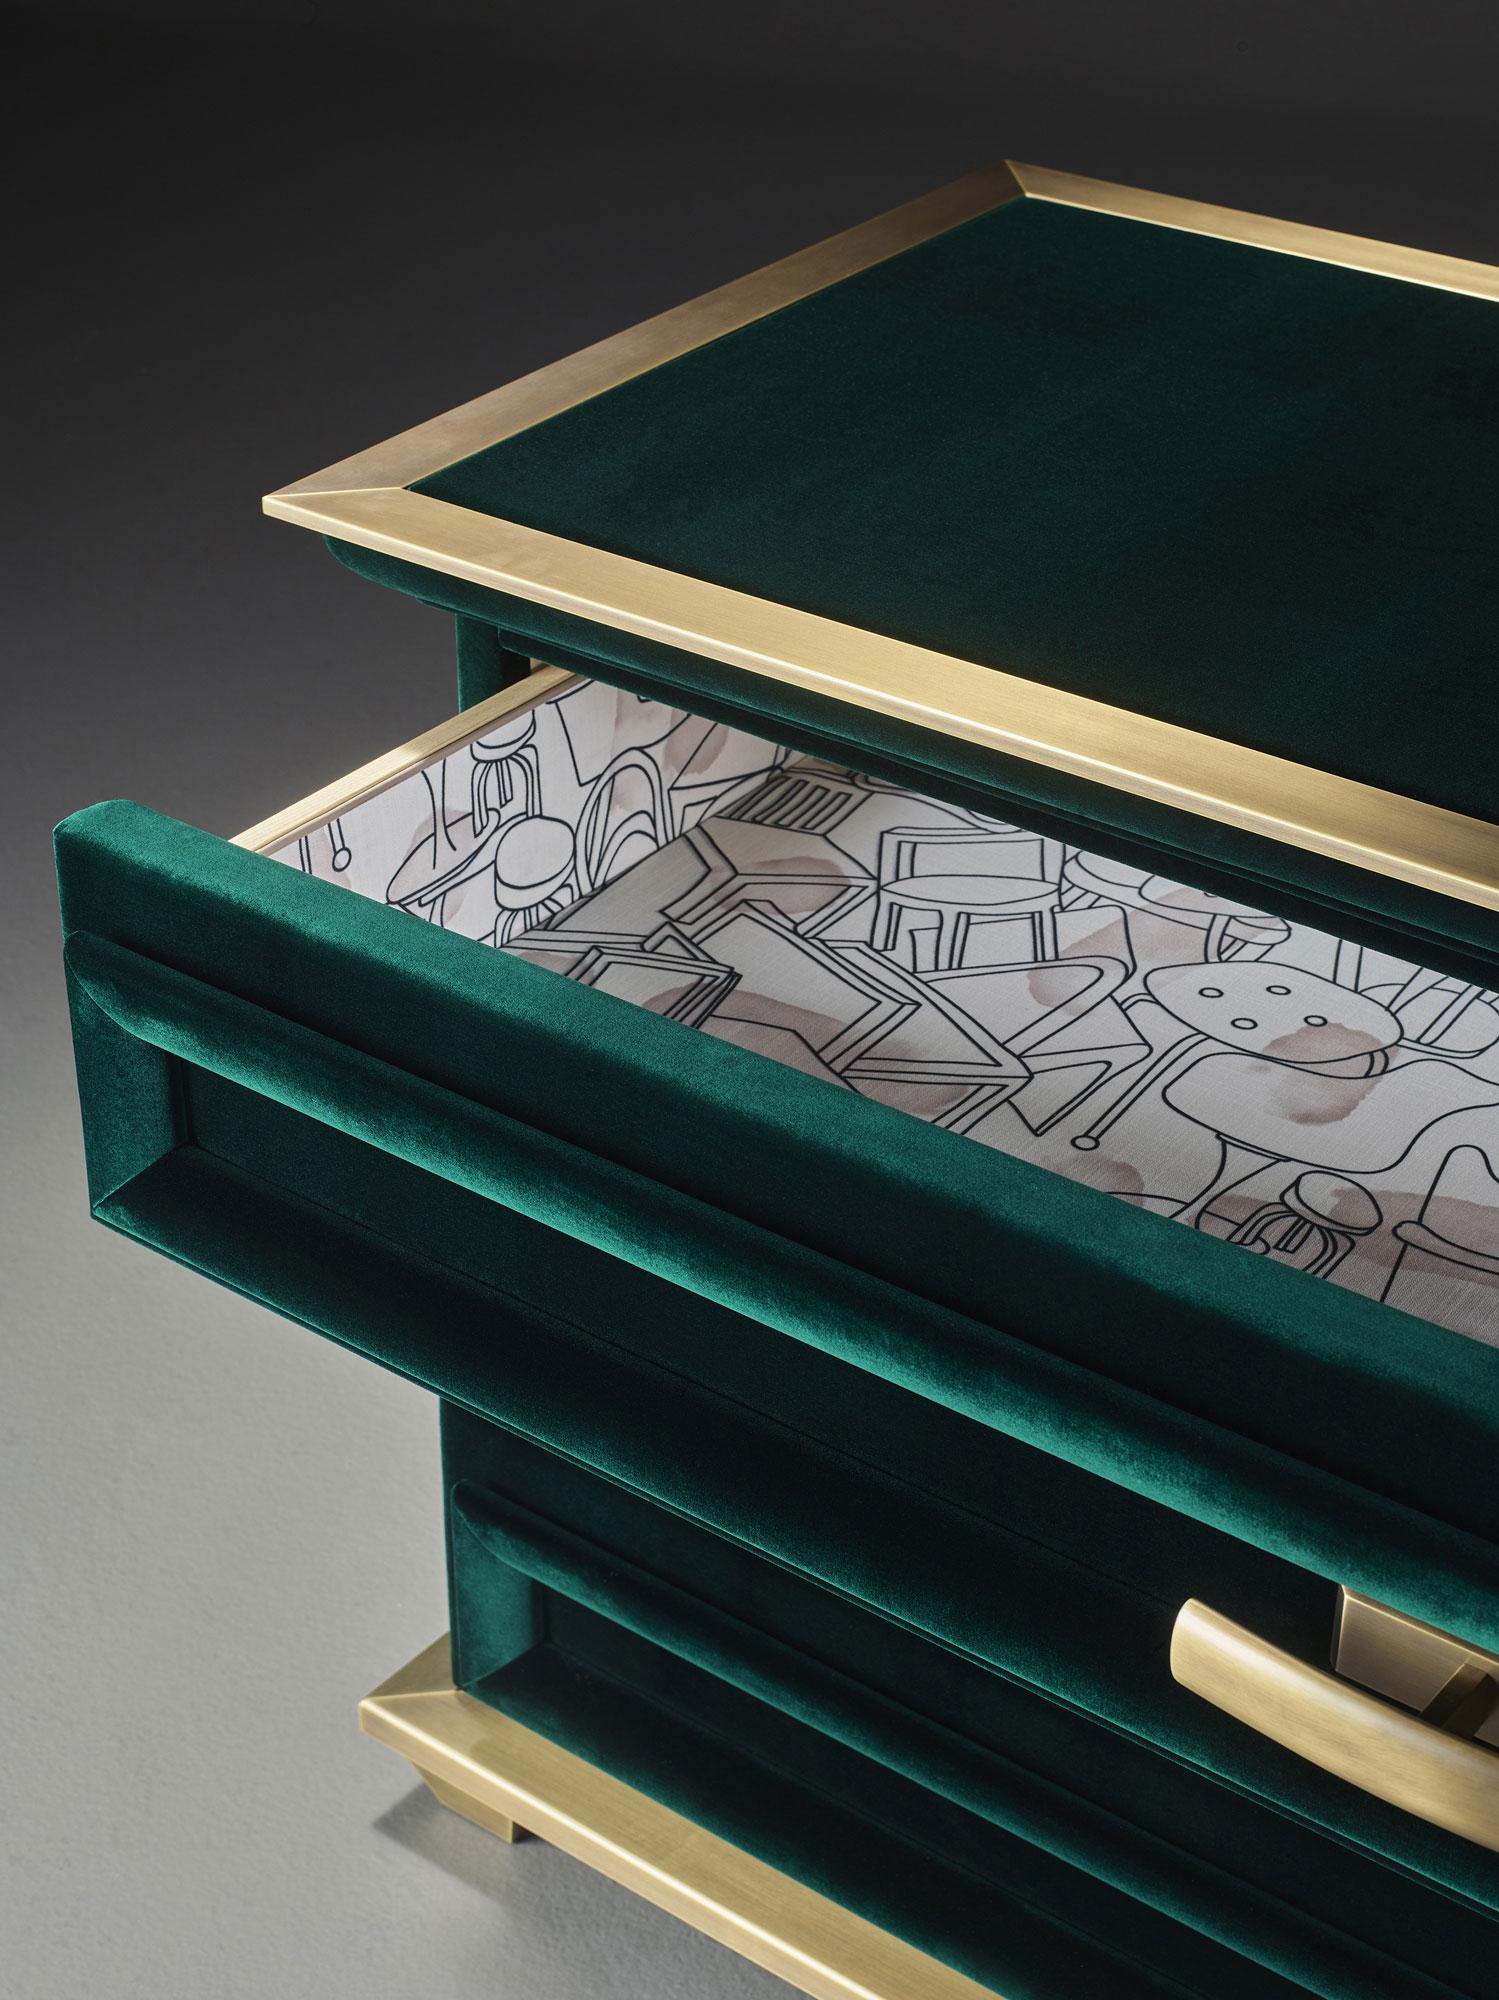 Babilonia, chest of drawers; design by Romeo Sozzi - Photo Credit: Promemoria